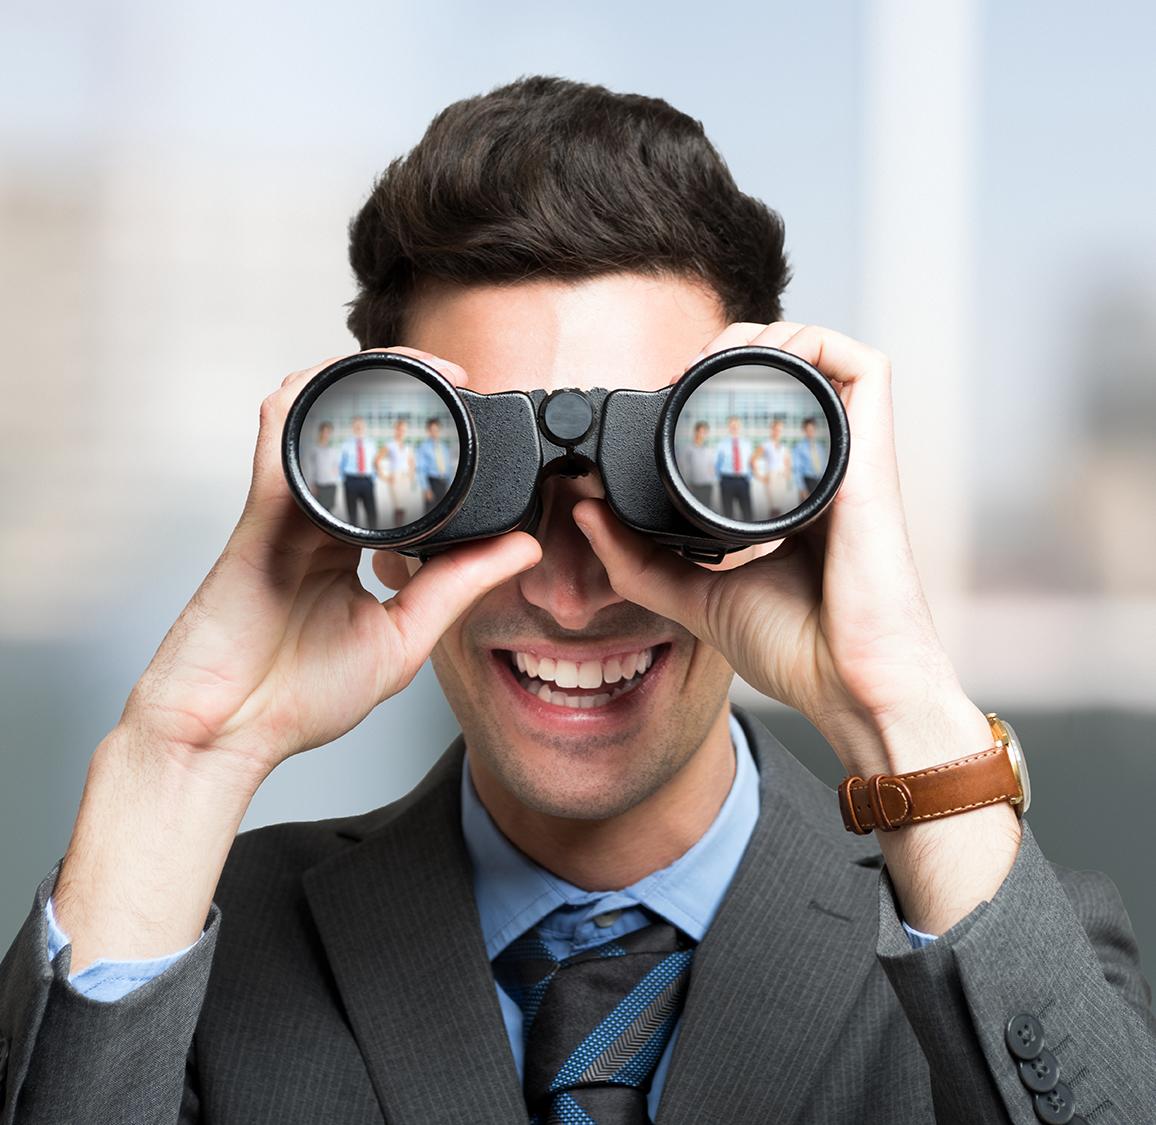 Verknüpfen Sie Ihre Maßnahmen um wirkungsvoll Neukunden zu gewinnen - durch Mailings, Anrufe und Online-Maßnahmen